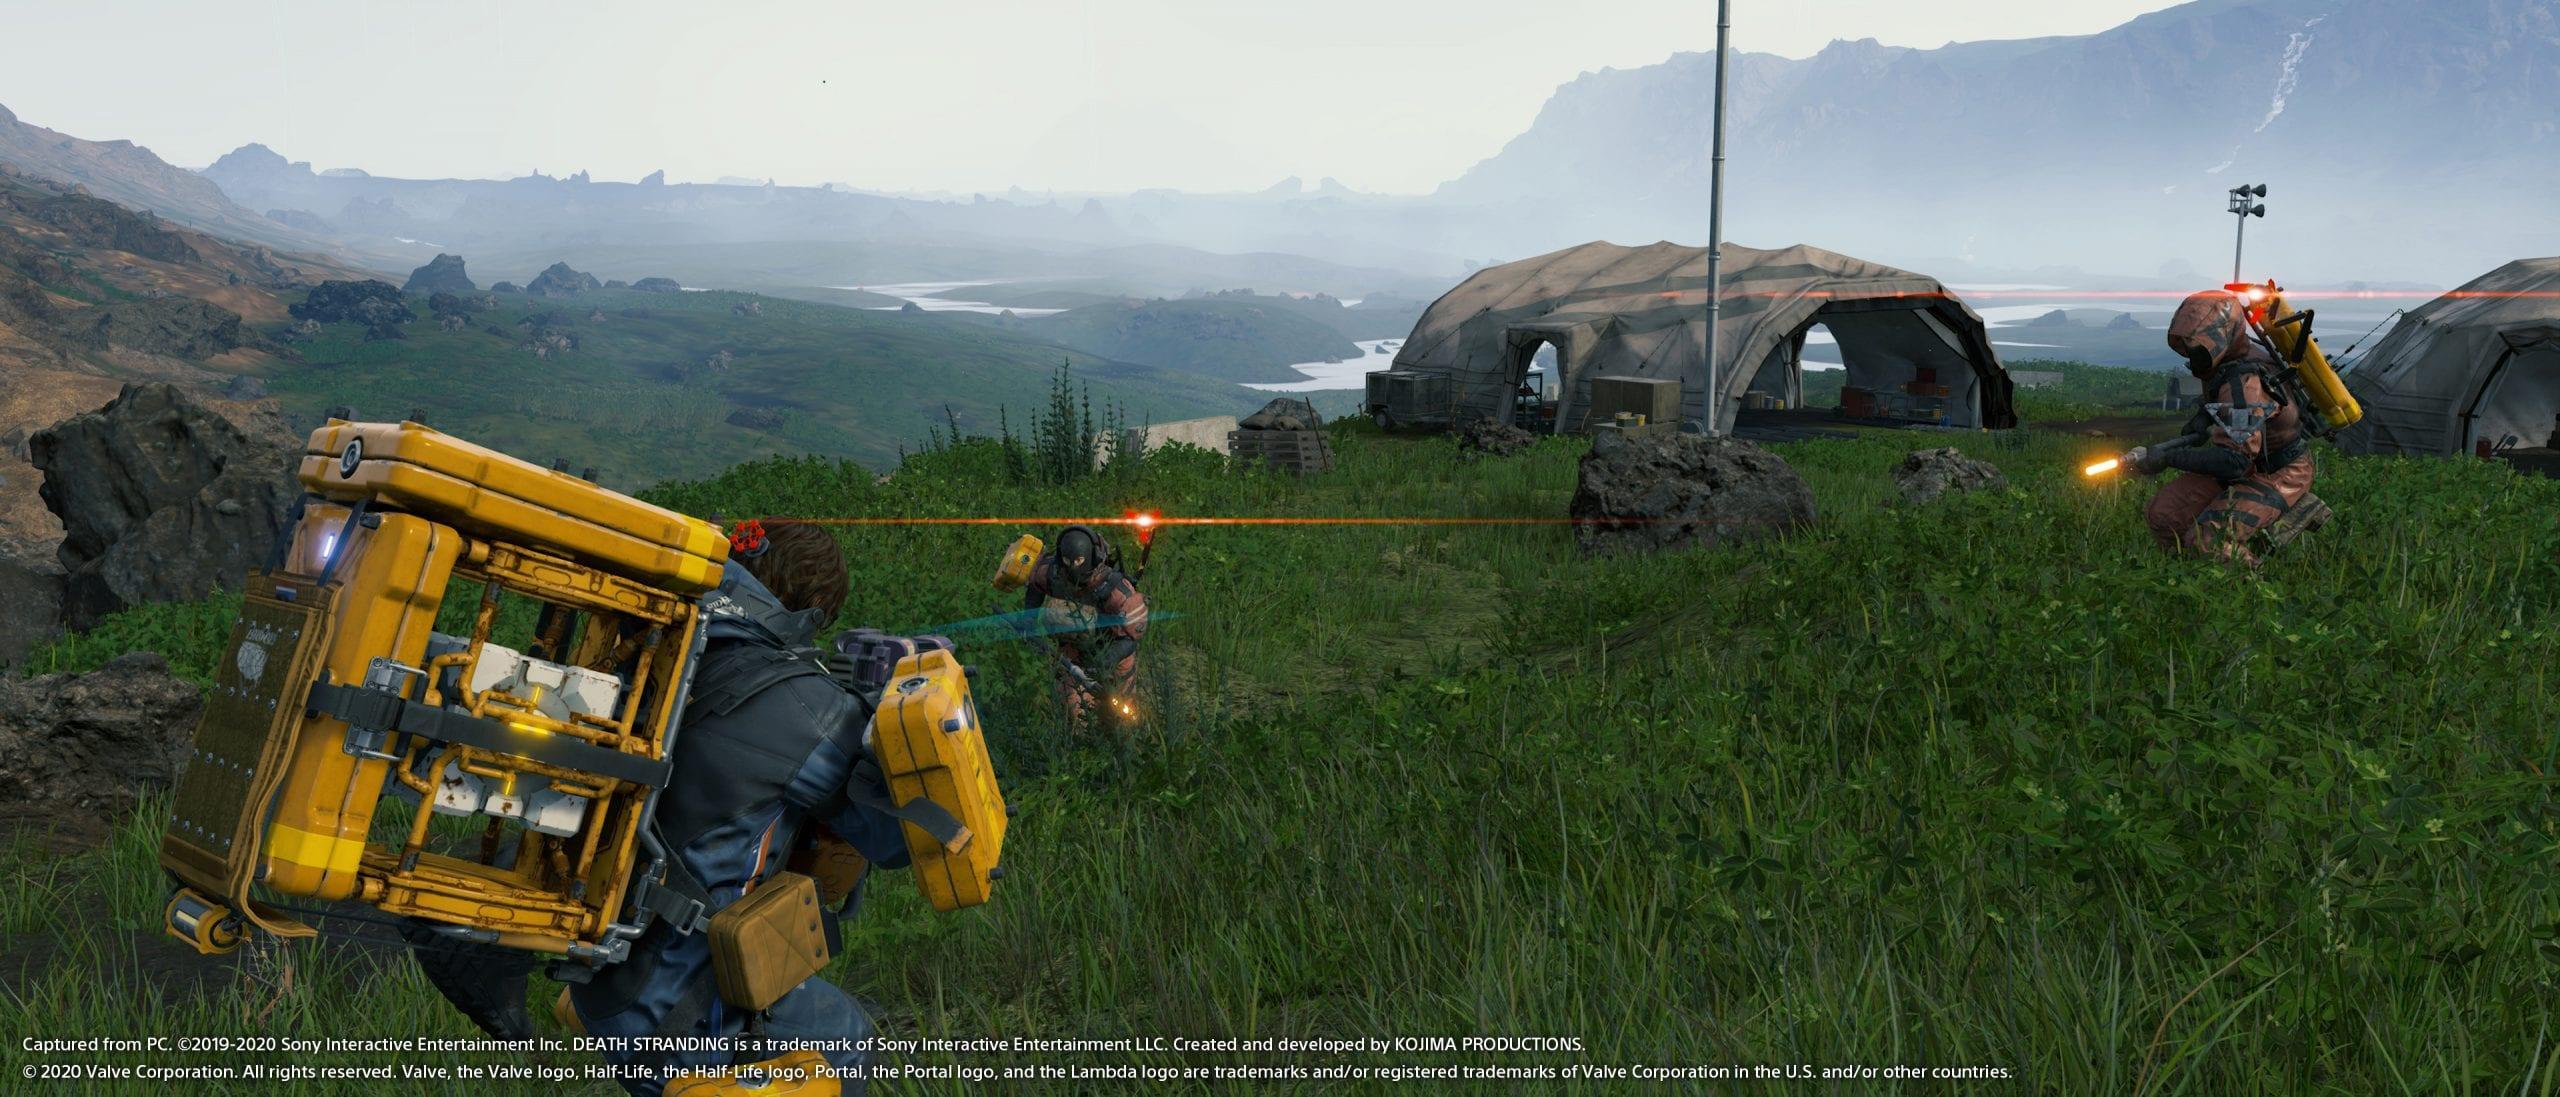 DEATH STRANDING , confermato il DLSS 2.0 con nuove immagini di gioco